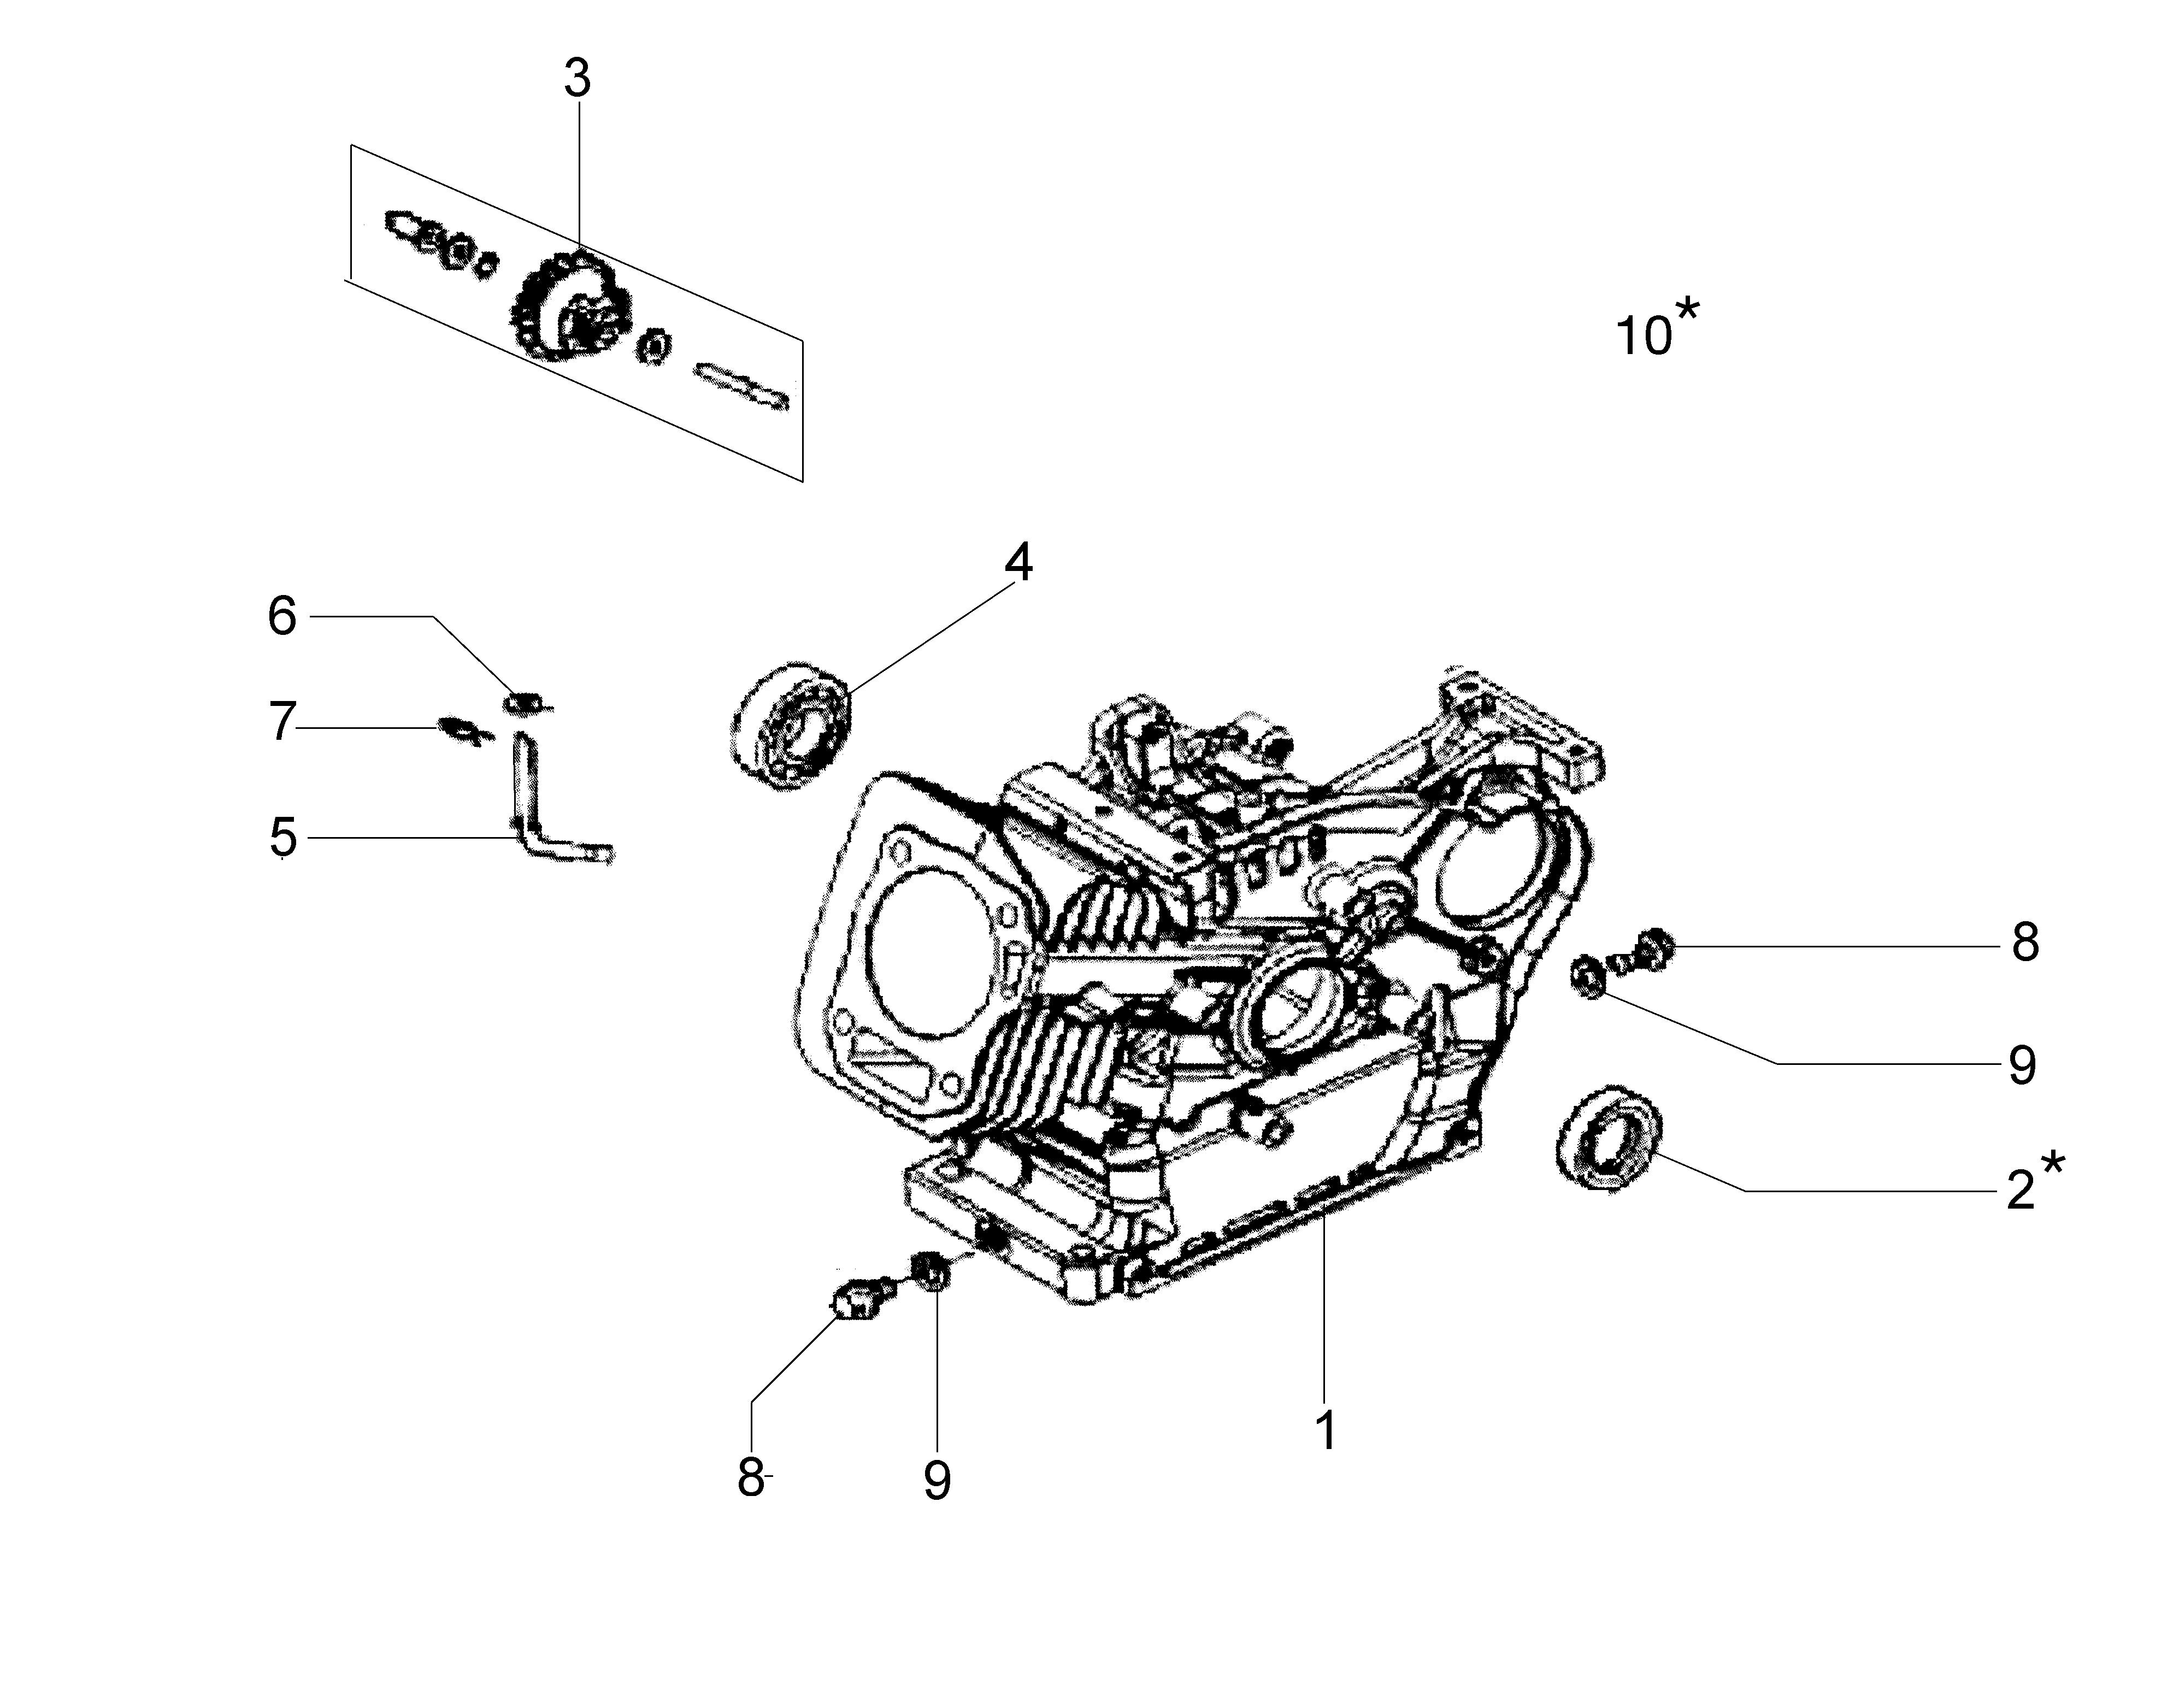 MH 180R - MH 180RK (K700 H) (EN709) Motobineuse oleomac Dessins pièces vue éclaté Carter moteur